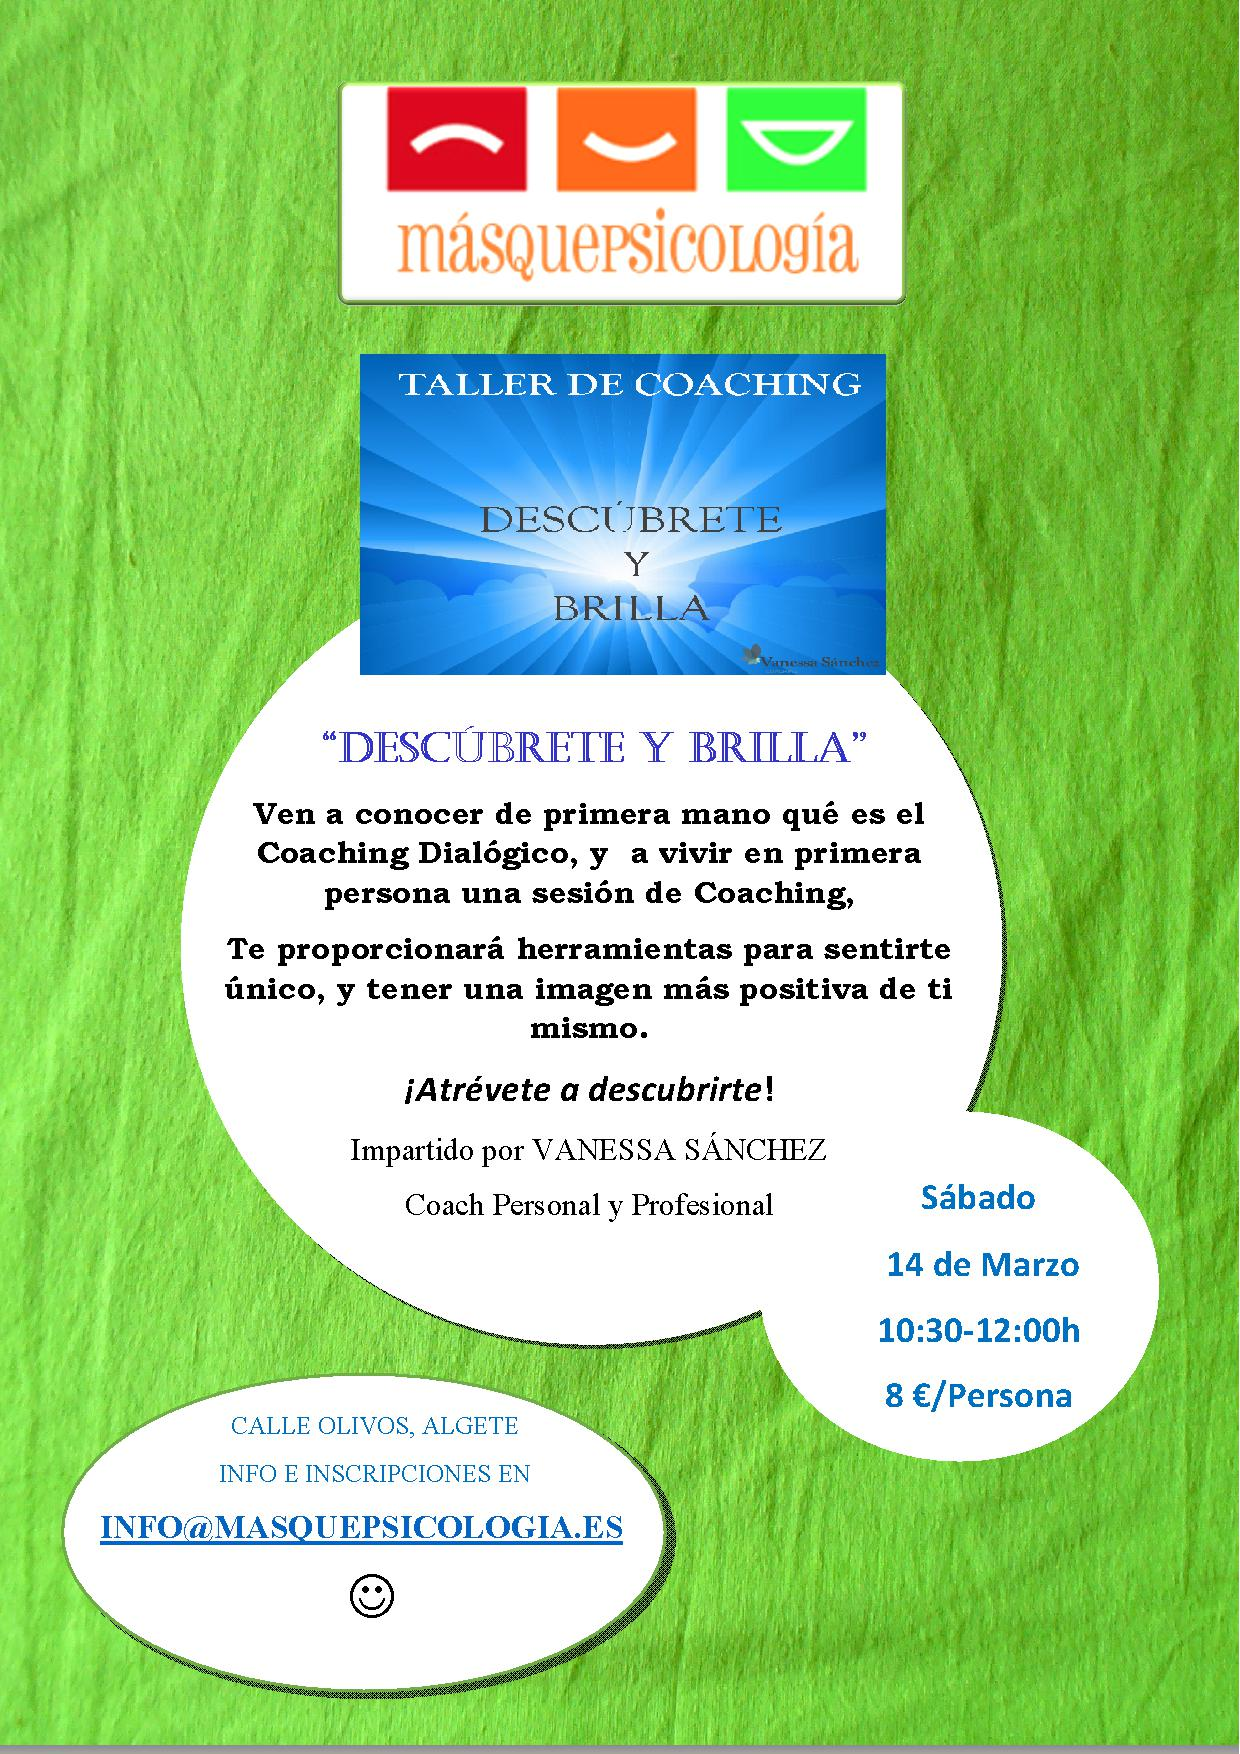 CARTEL DEFINITIVO2015_